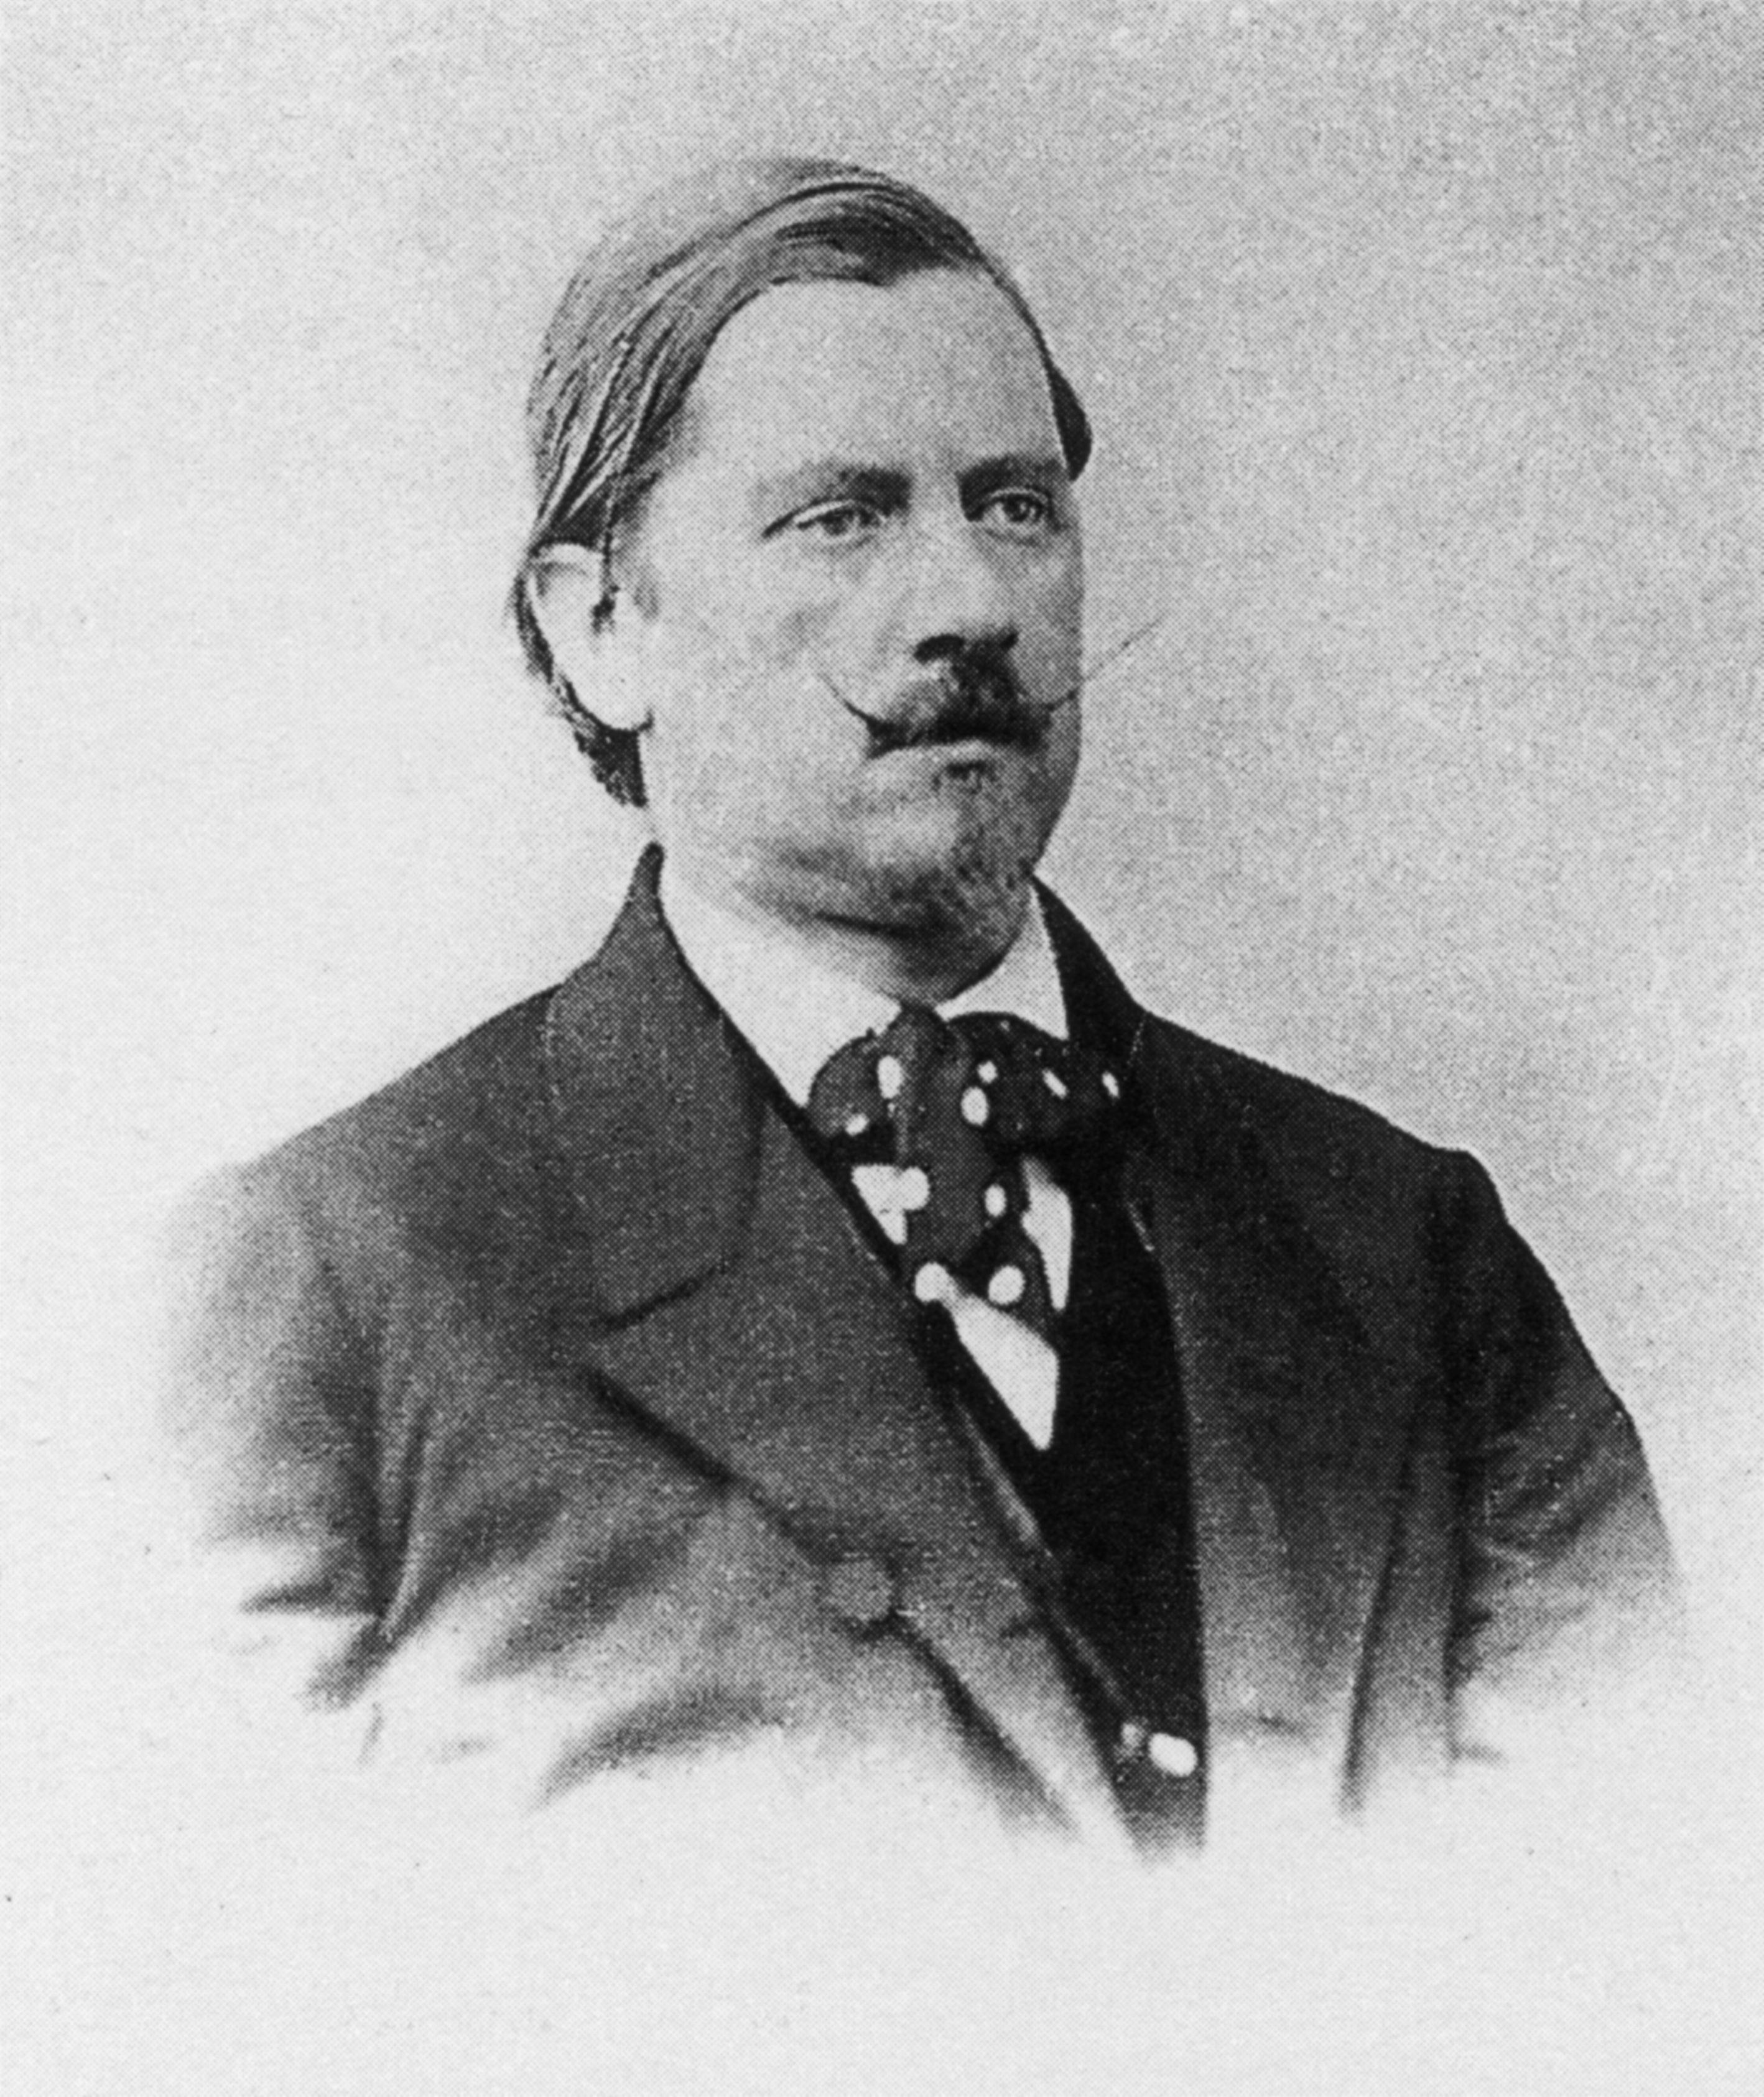 Kertbeny Károly 1865-ben (fotó: Wikipedia)